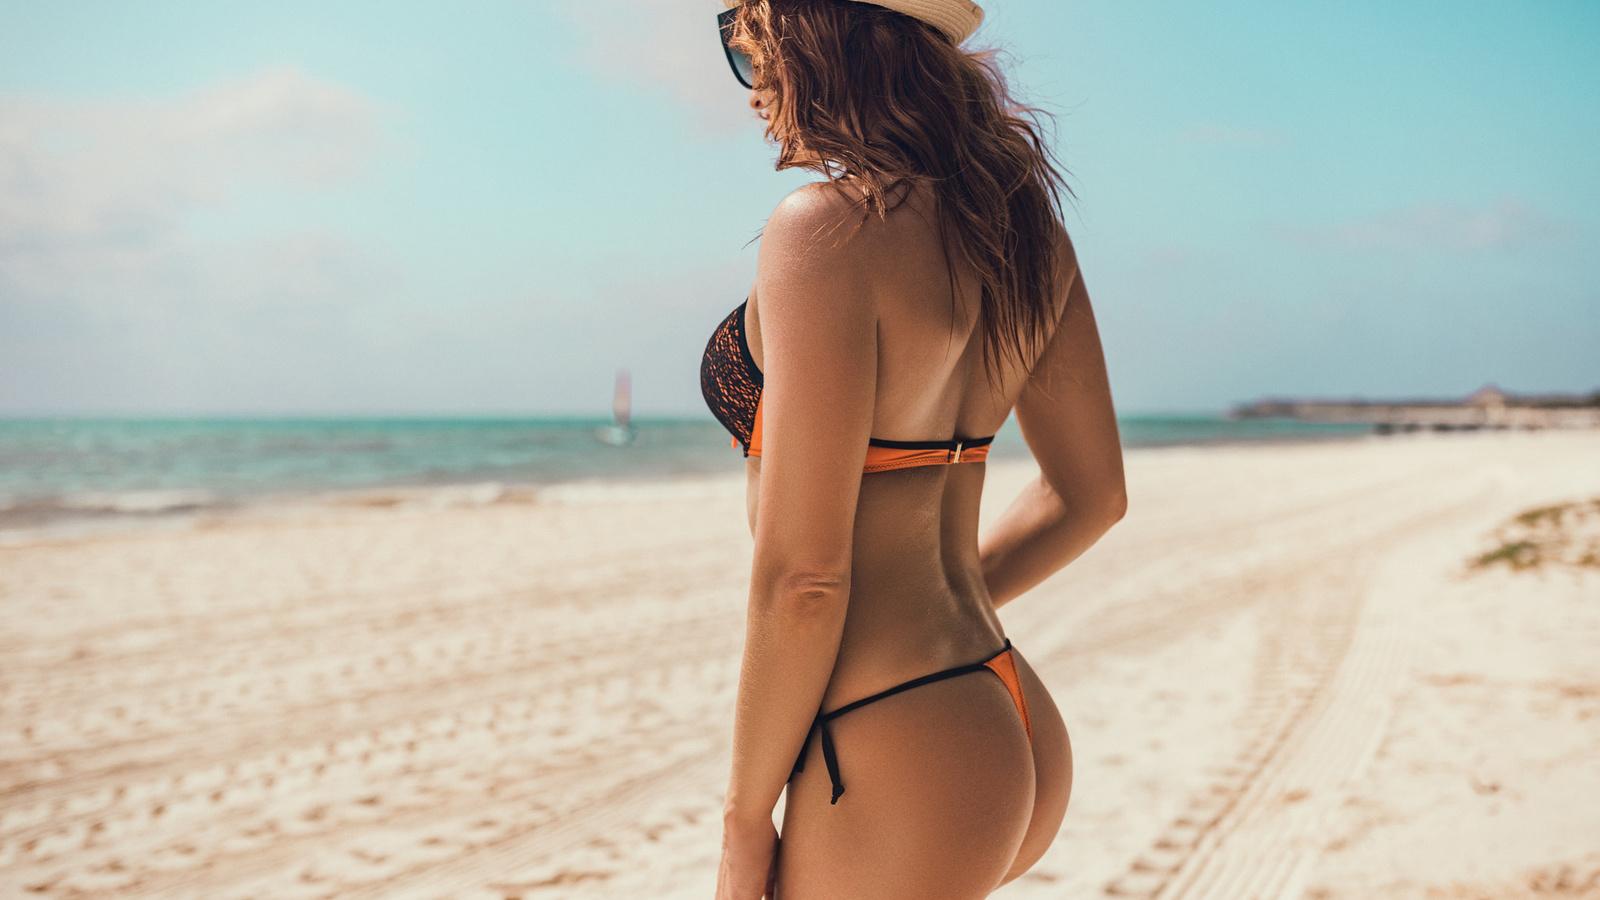 Фото пляжных девушек, Дeвушки на Израильских пляжах (160 фото) 1 фотография